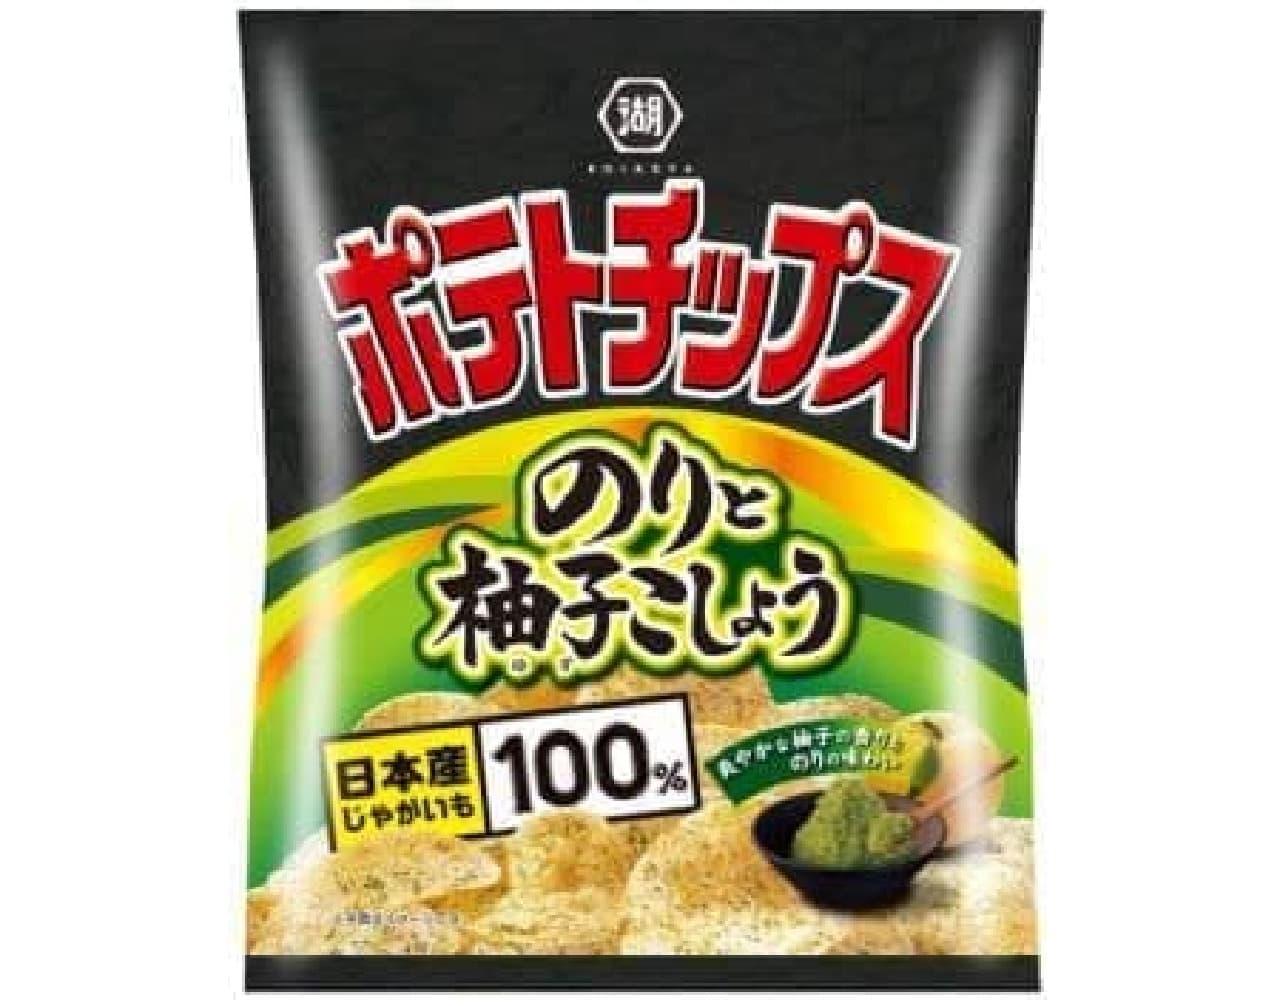 """「ポテトチップス のりと柚子こしょう」は、和を意識した食材""""のり""""と""""柚子こしょう""""が組み合わされたポテトチップス"""